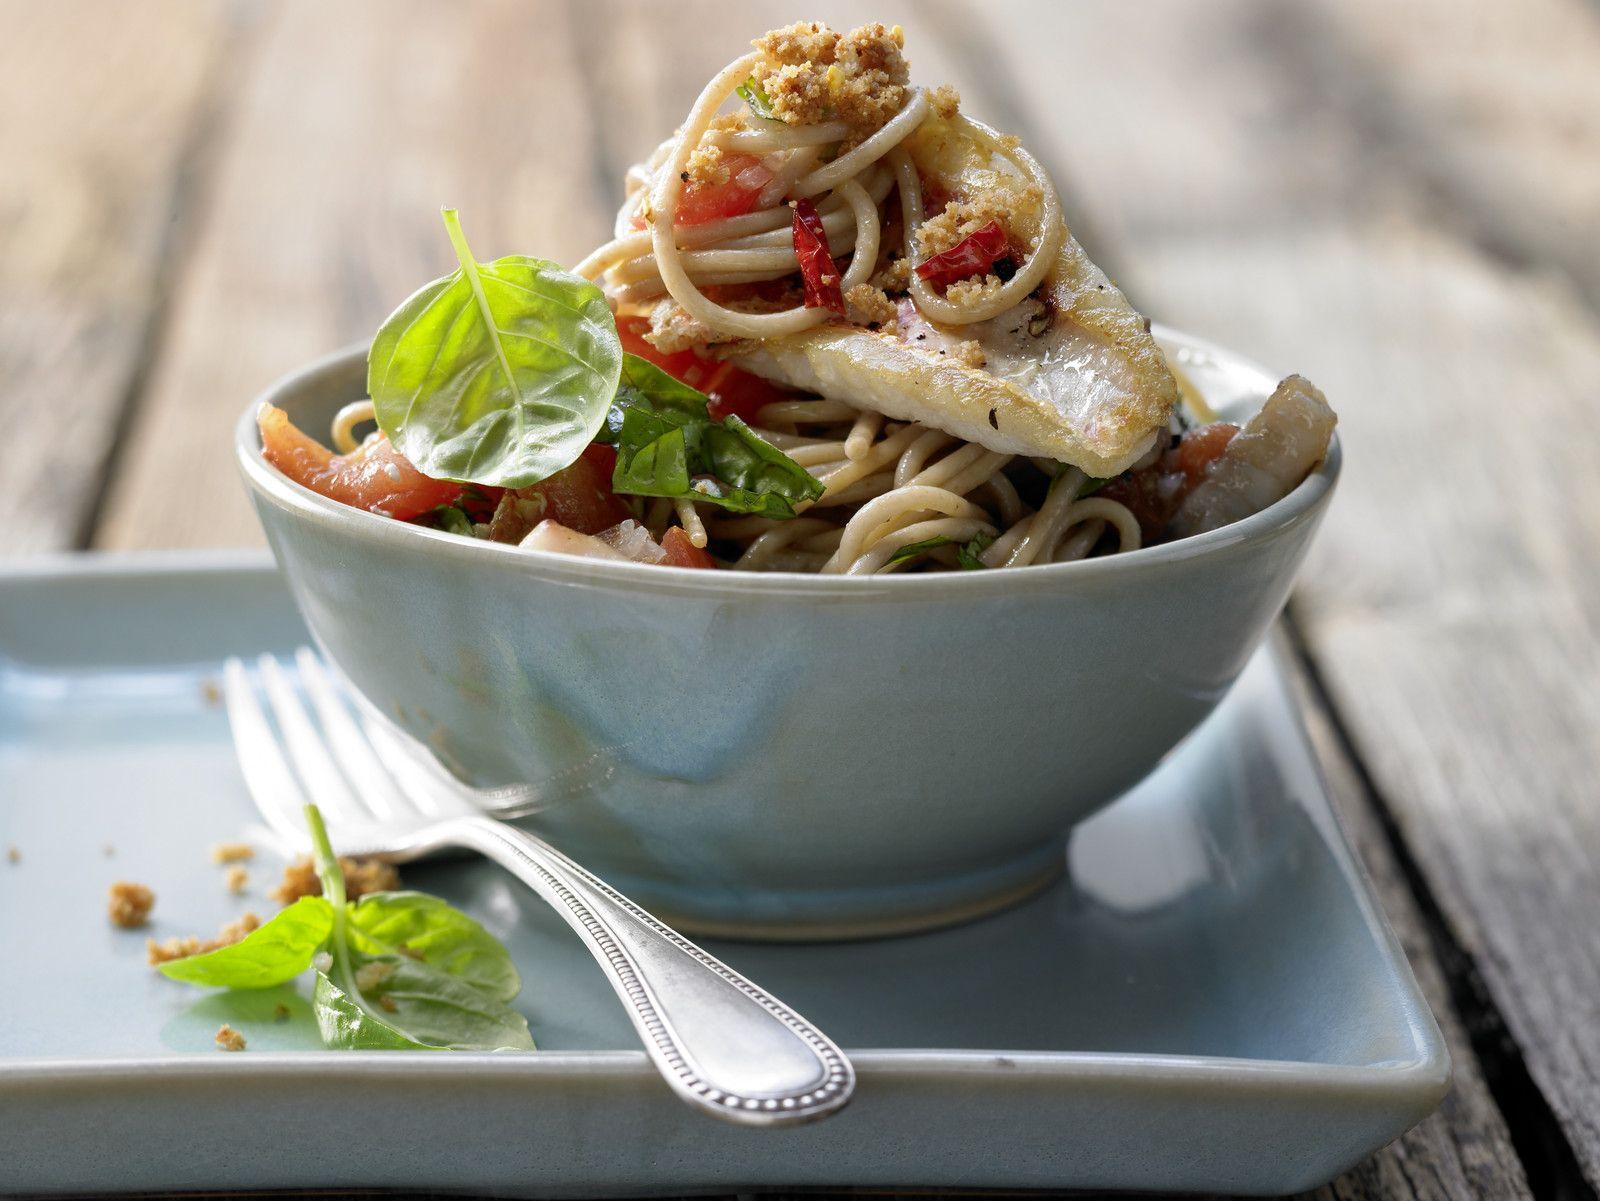 Leichte Sommerküche Ohne Fleisch : Ohne fleisch rezepte eat smarter